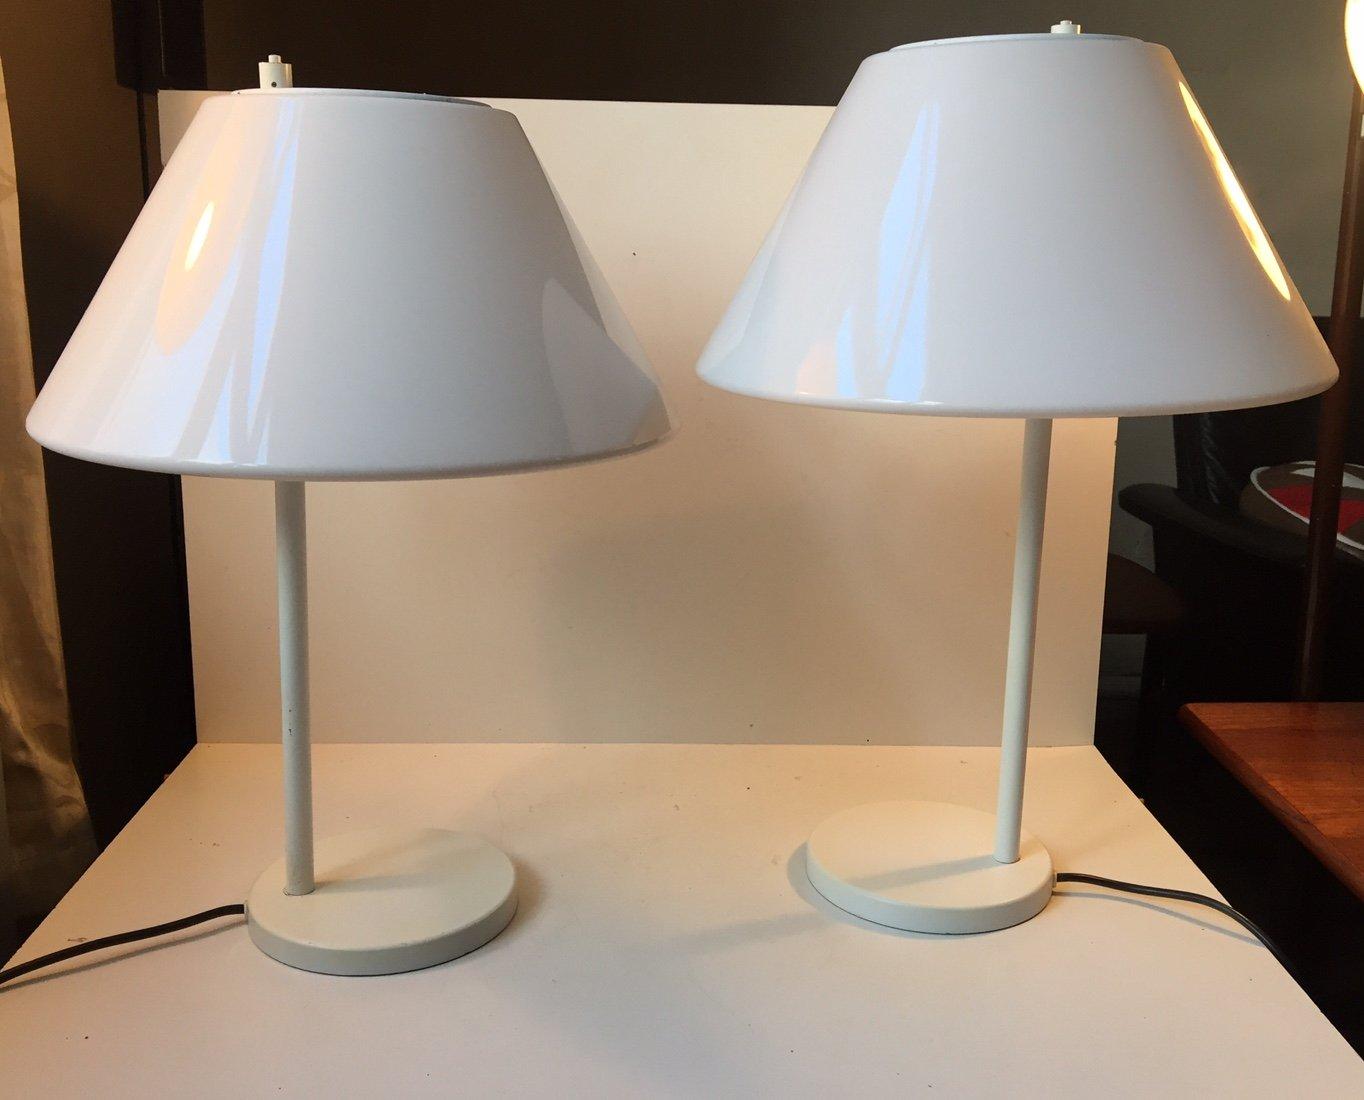 Weiße Minimalistische Dänische Combi Tischlampen von Per Iversen für L...